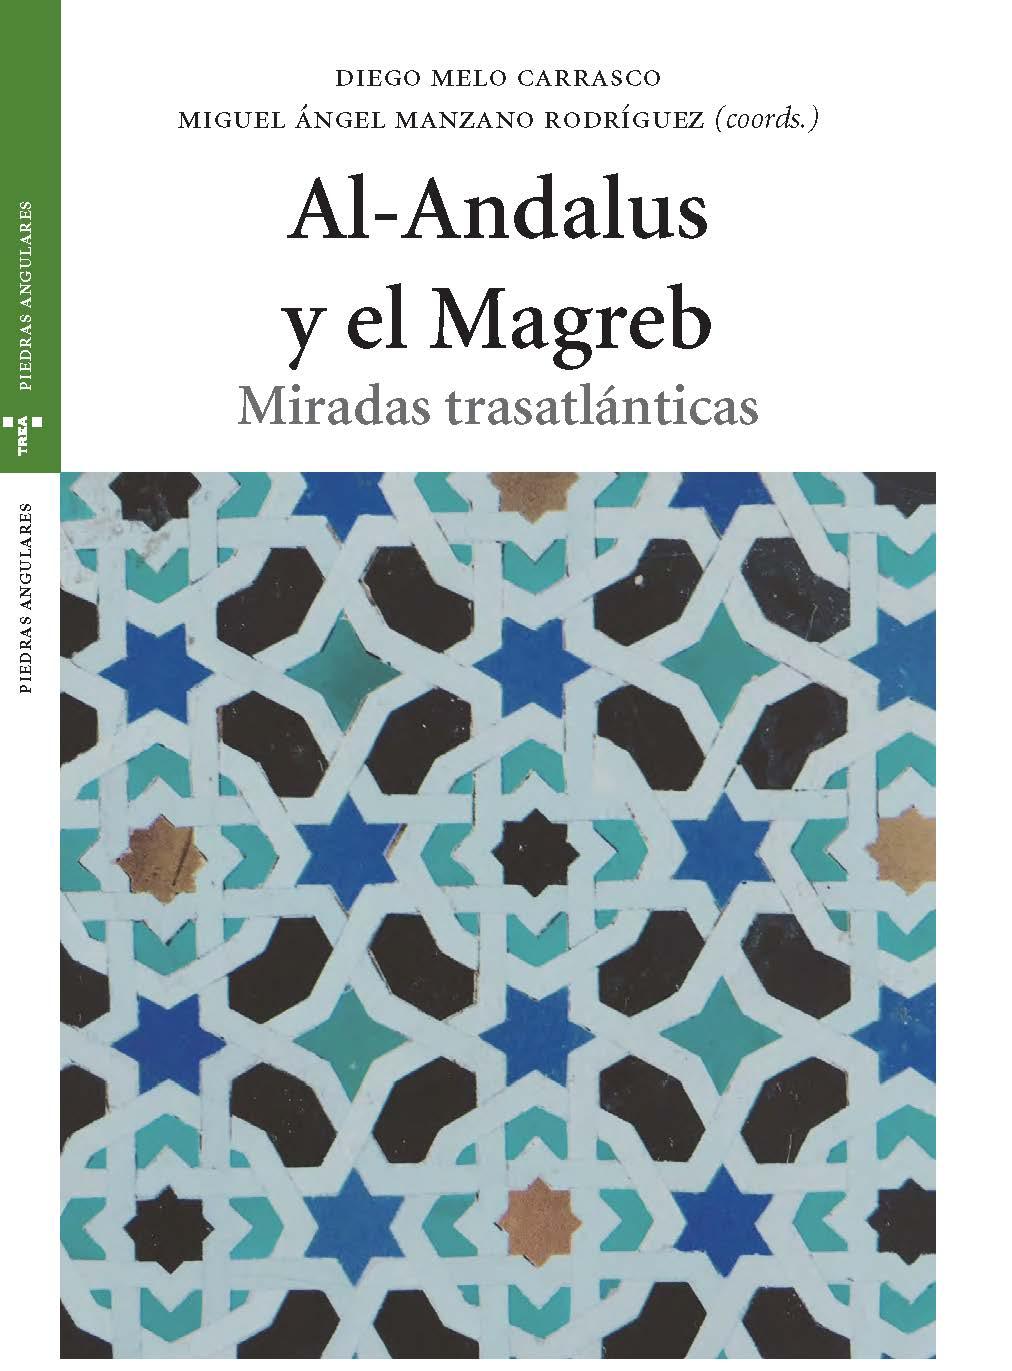 Al-Andalus y el Magreb. Miradas trasatlánticas